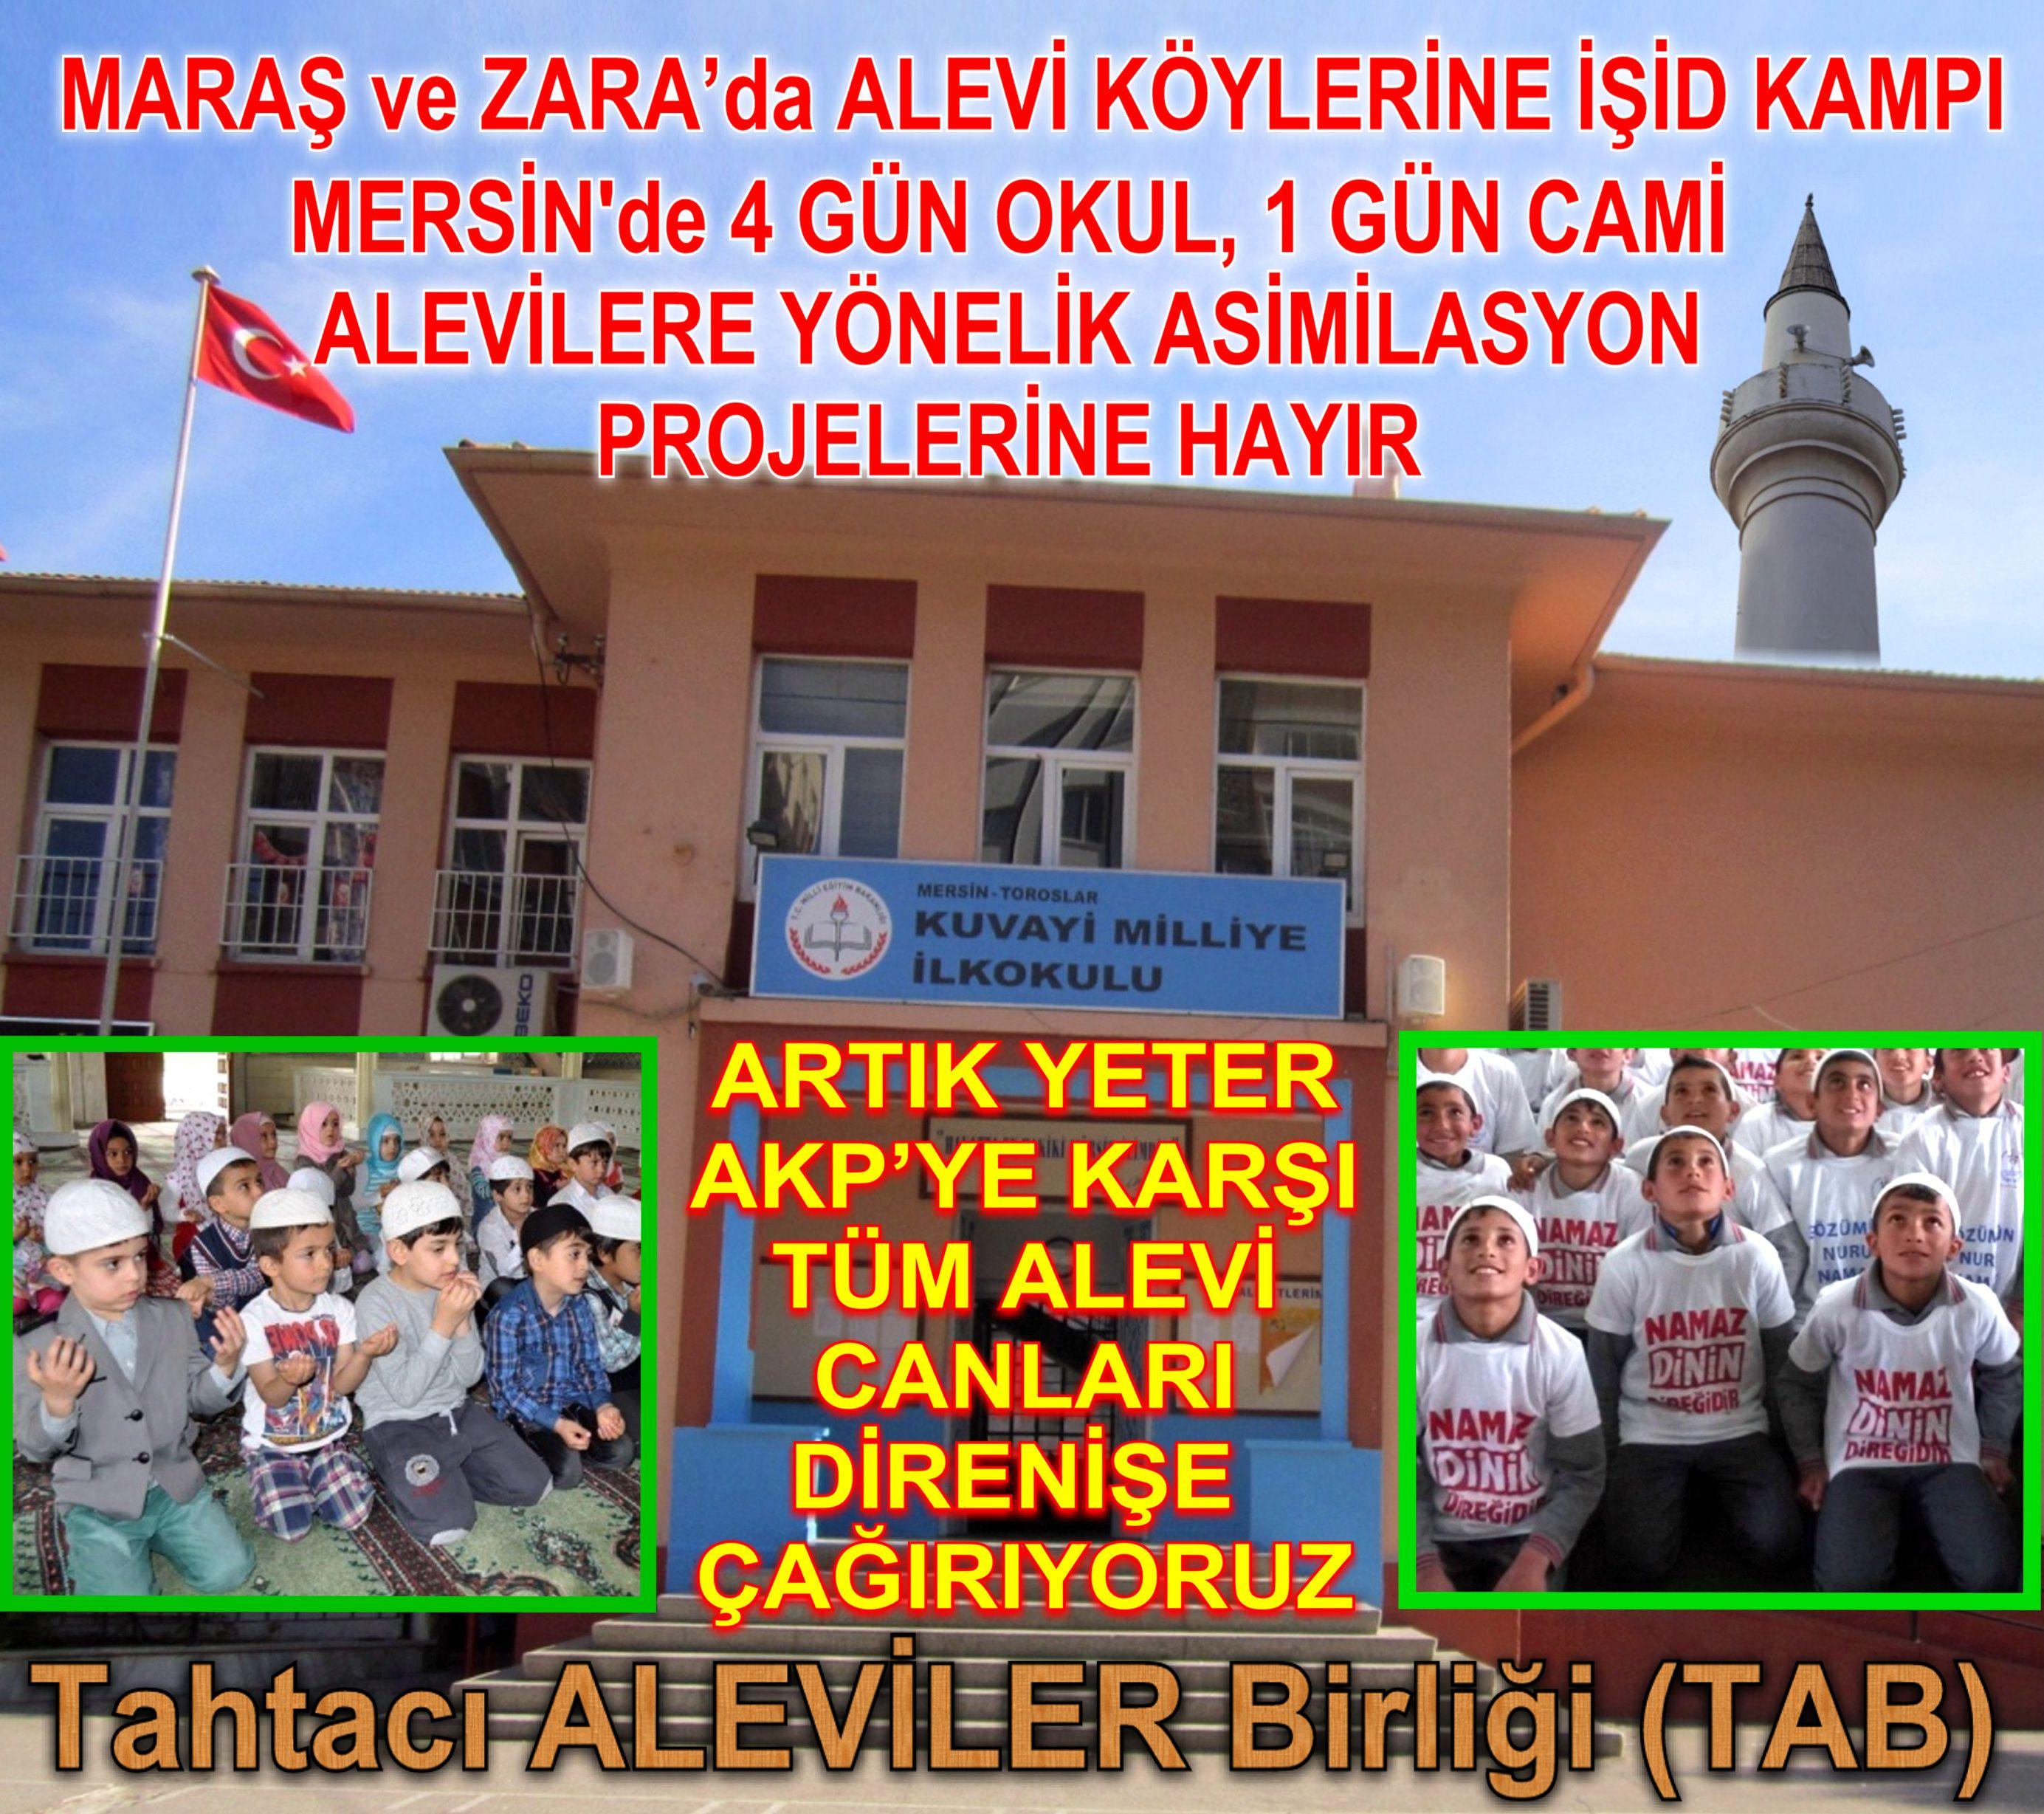 Devrimci Aleviler Birliği DAB Alevi Kızılbaş Bektaşi pir sultan cem hz Ali 12 imam semah Feramuz Şah Acar mersin okul camii67